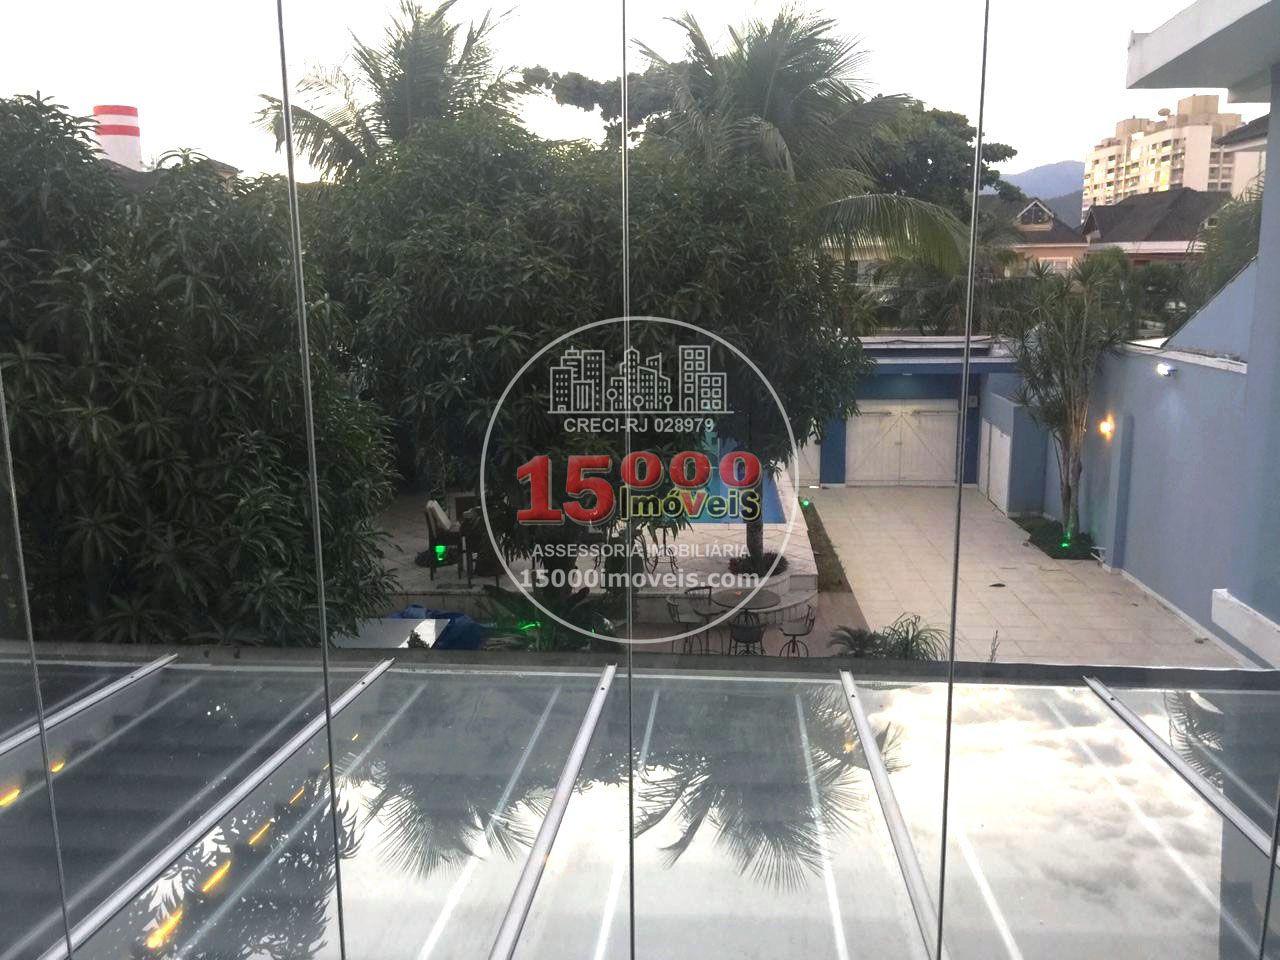 Casa duplex 5 suítes no Cond. Vivendas do Sol - Recreio dos Bandeirantes (15000-110) - 15000-110 - 3